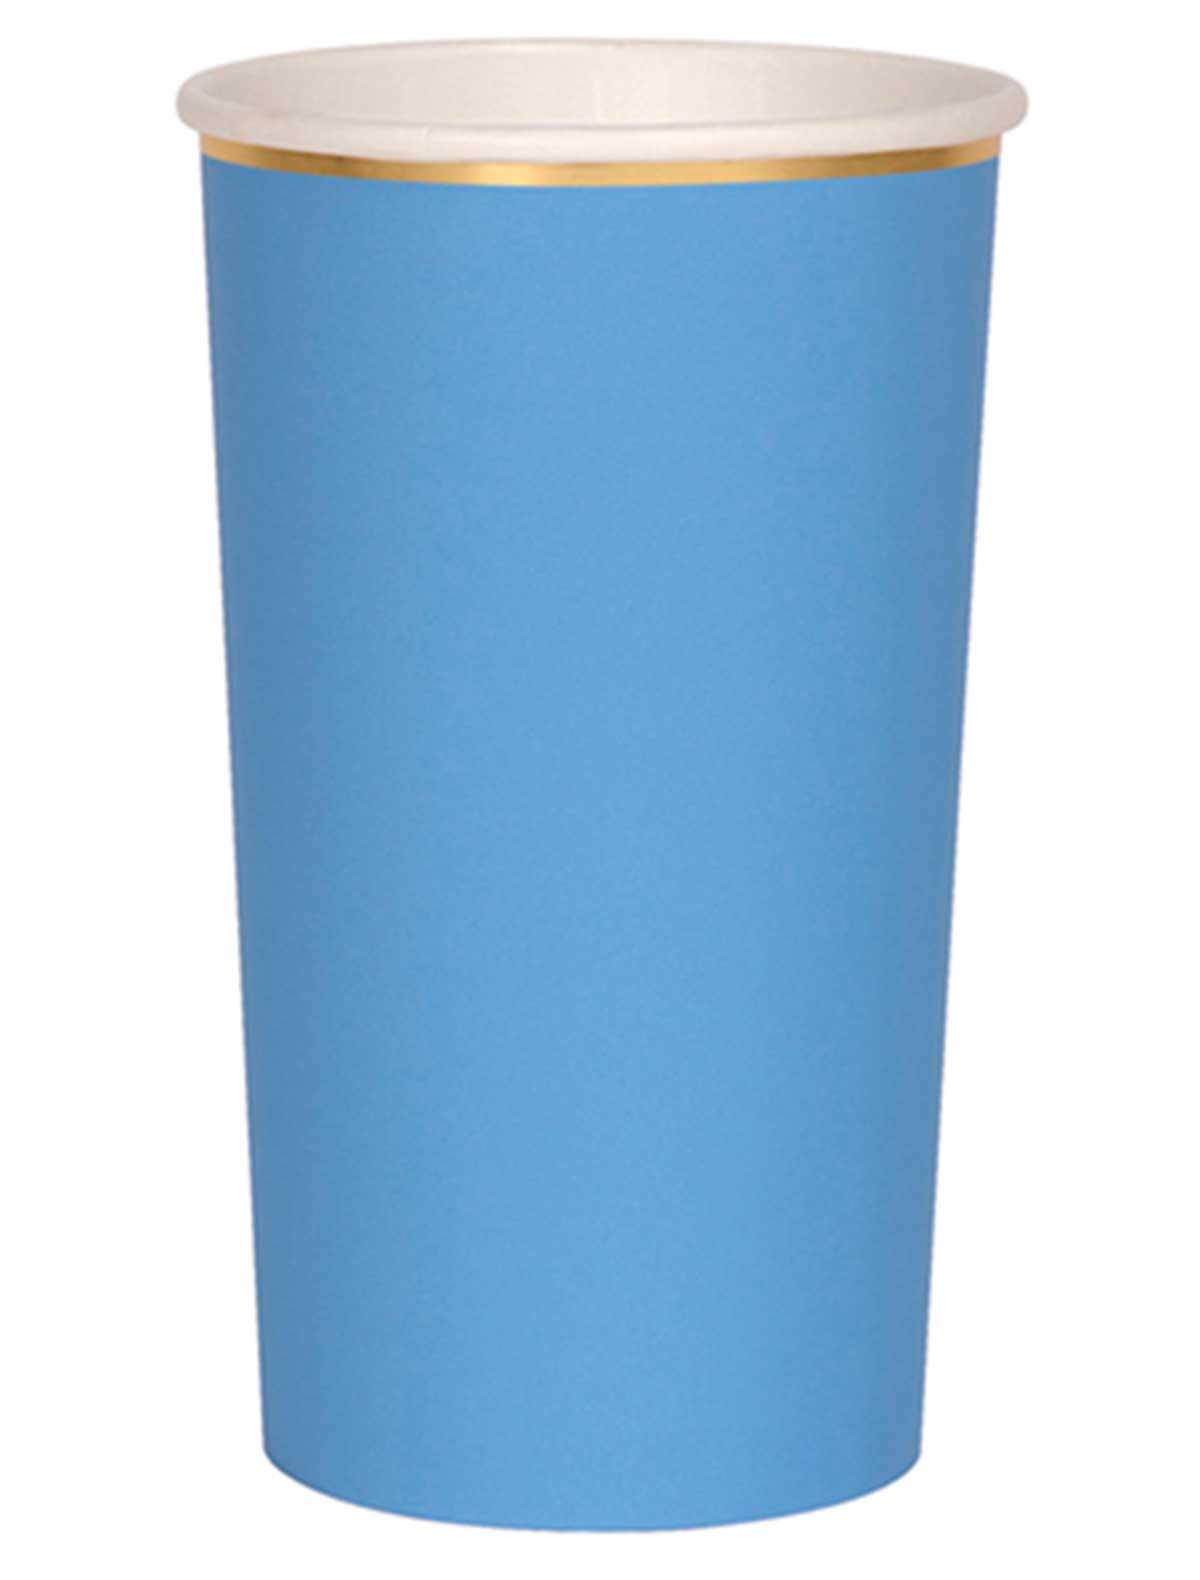 Купить 2259852, Набор посуды Meri Meri, голубой, 2294520081078